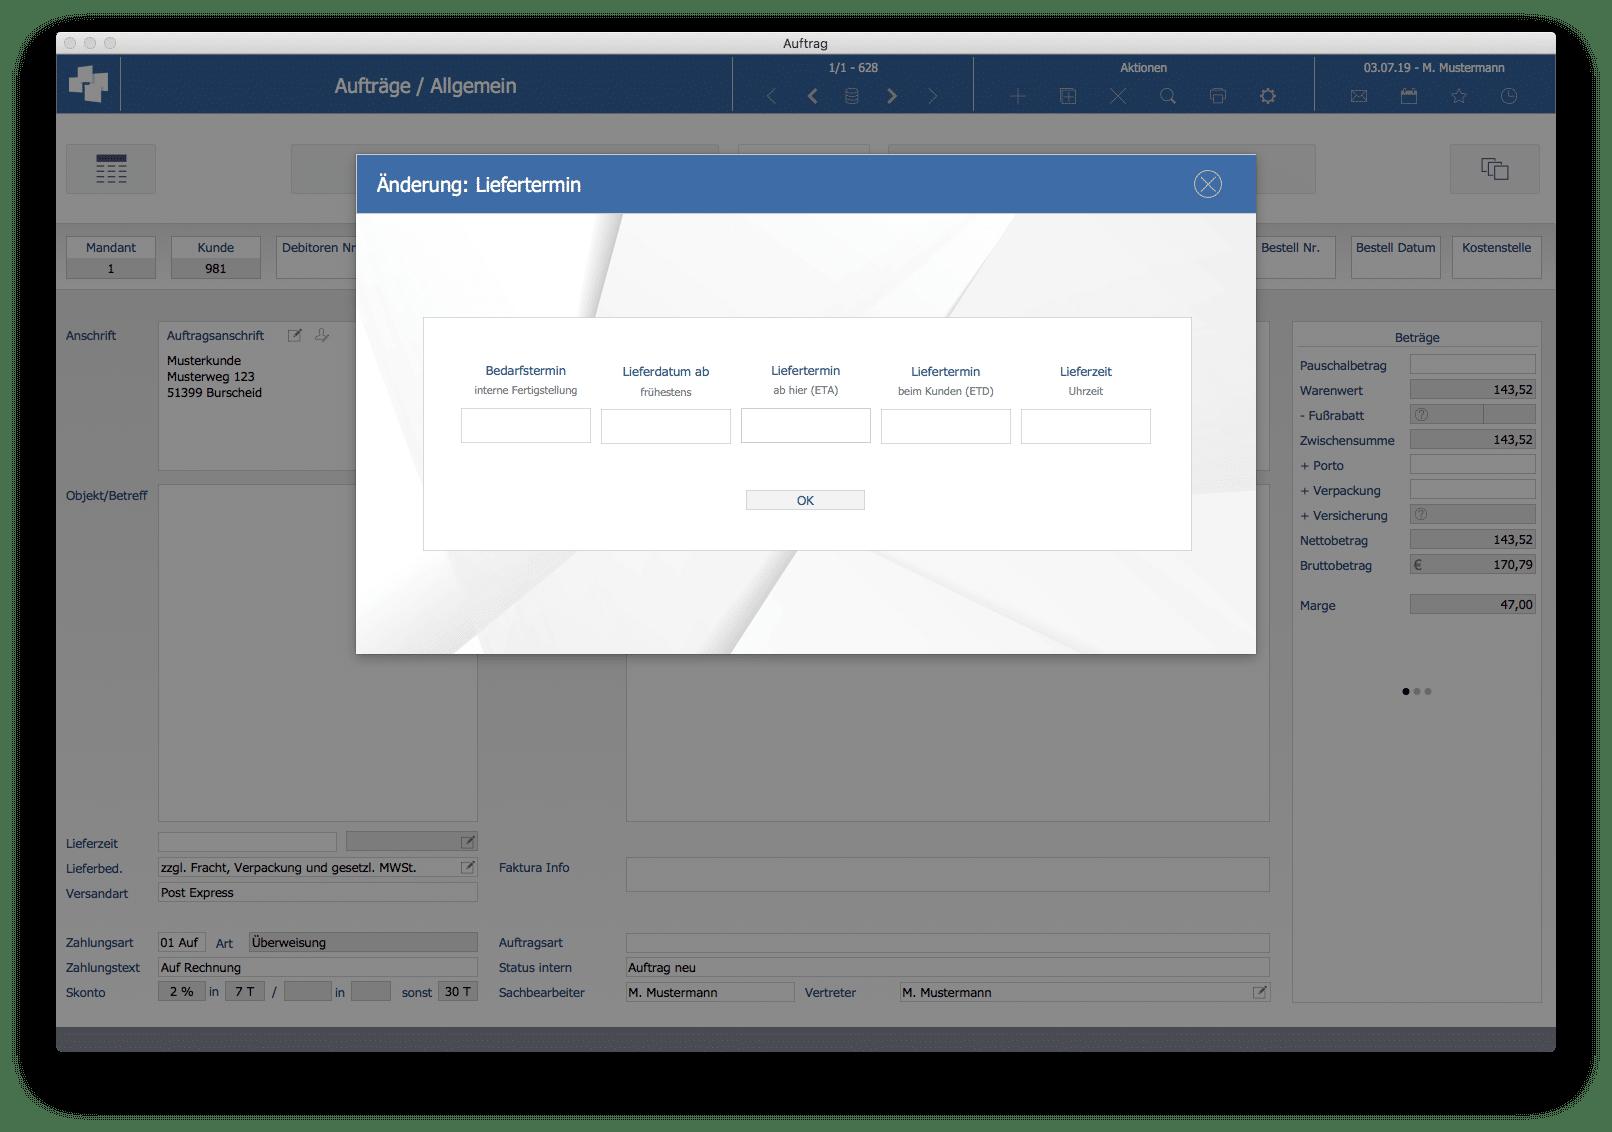 advanter 5.0 Angebot / Liefertermin